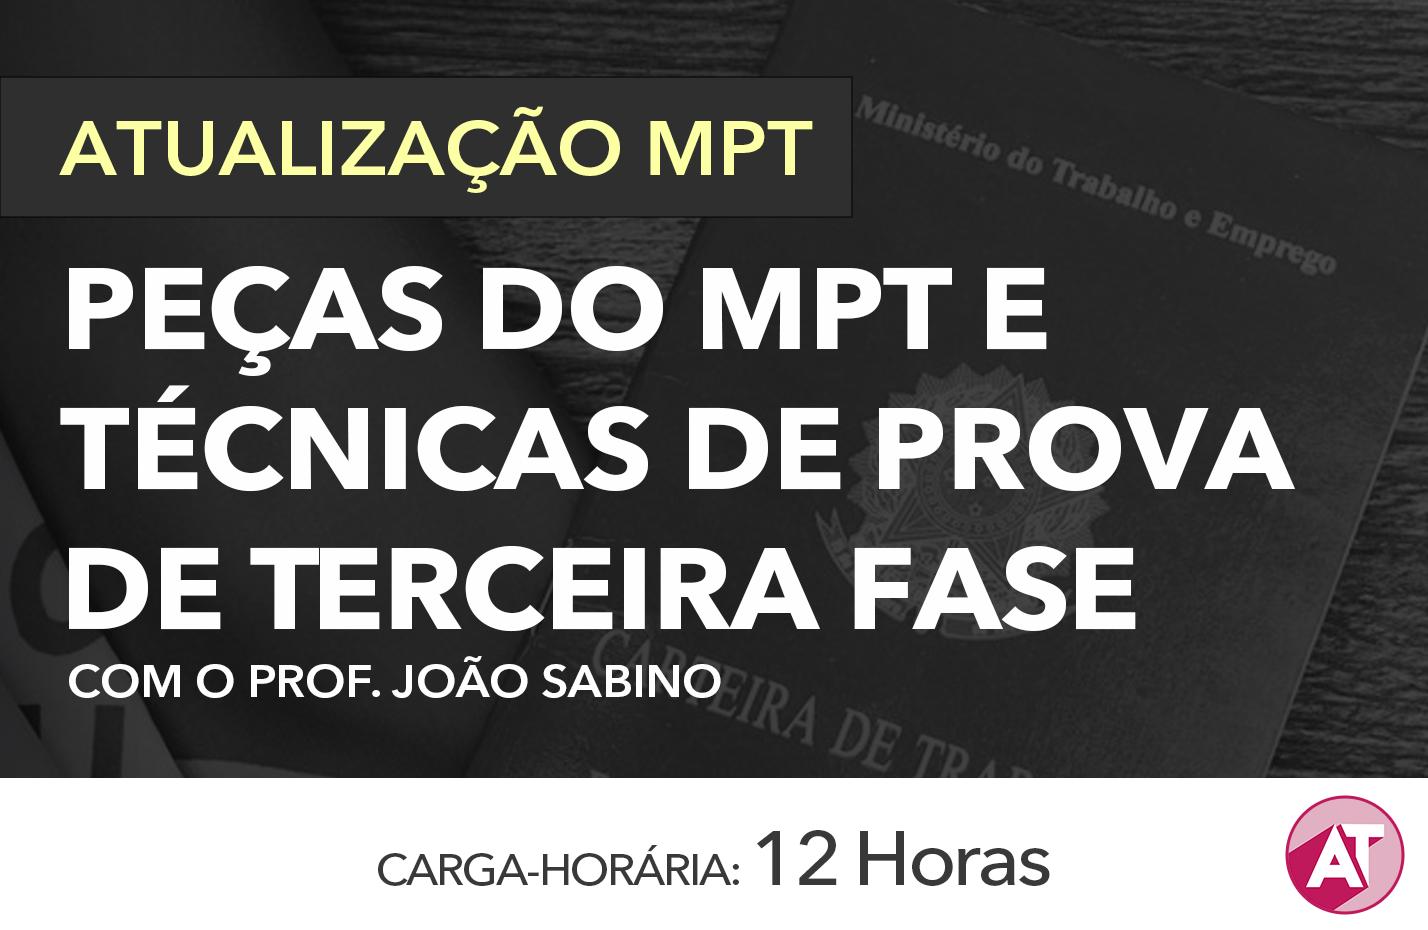 PEÇAS DO MPT E TÉCNICAS DE PROVA DE TERCEIRA FASE